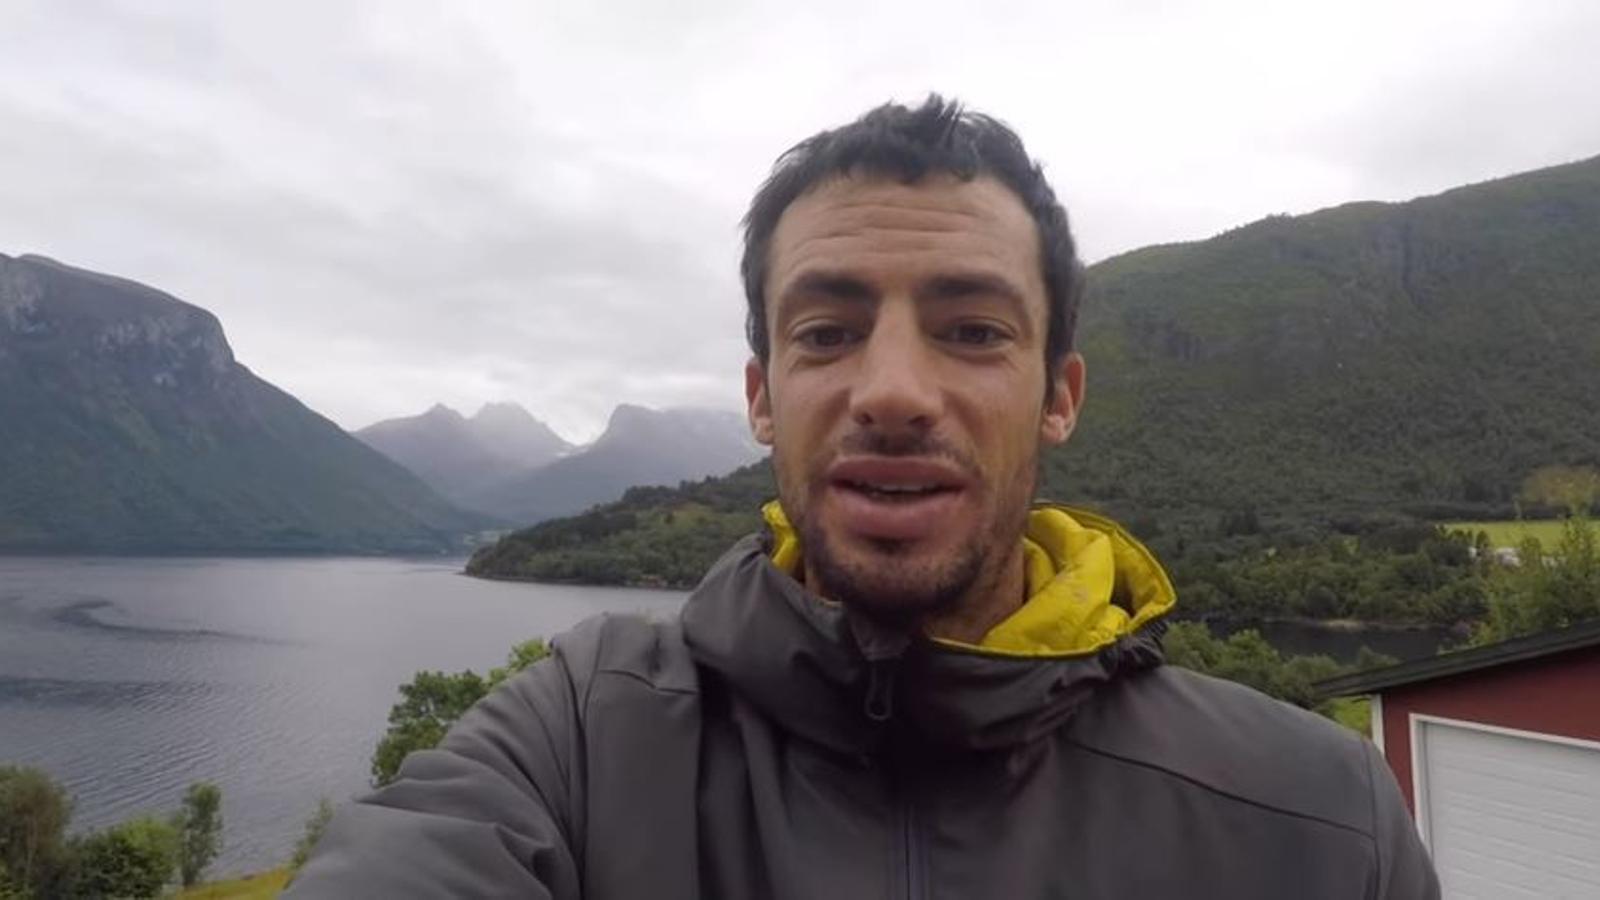 Els consells de Kilian Jornet per sortir a la muntanya